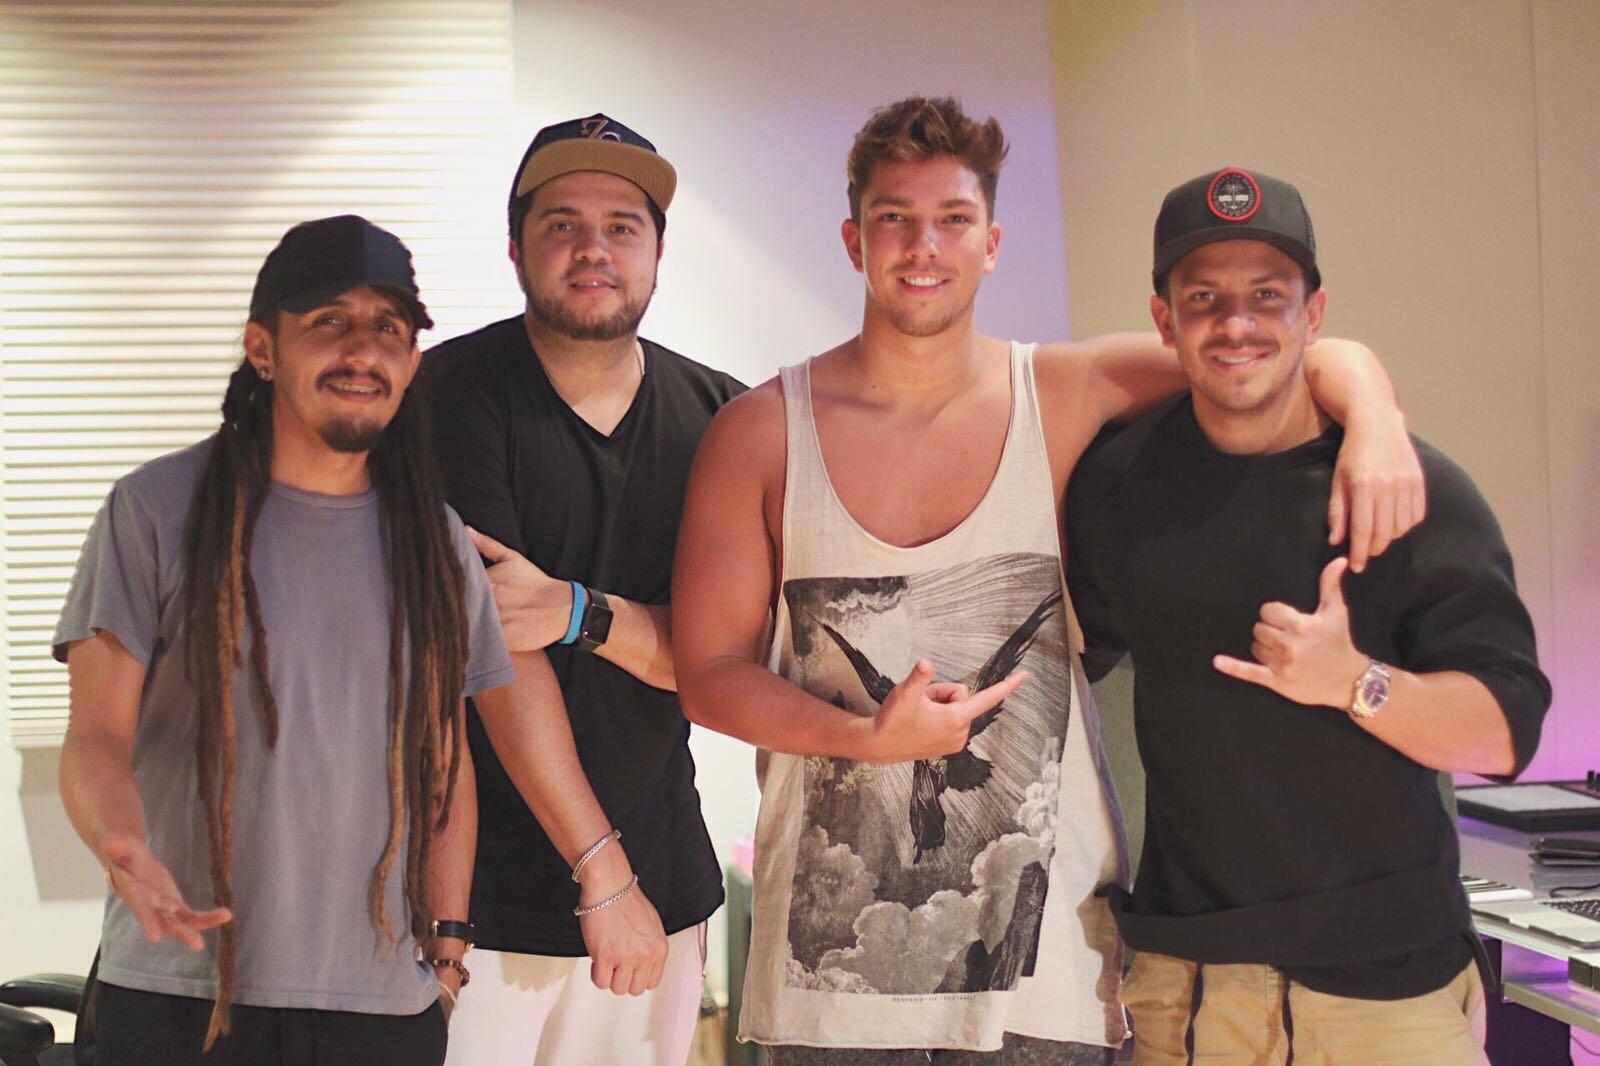 Patrick,Frank,Matt Terry,Oscarcito